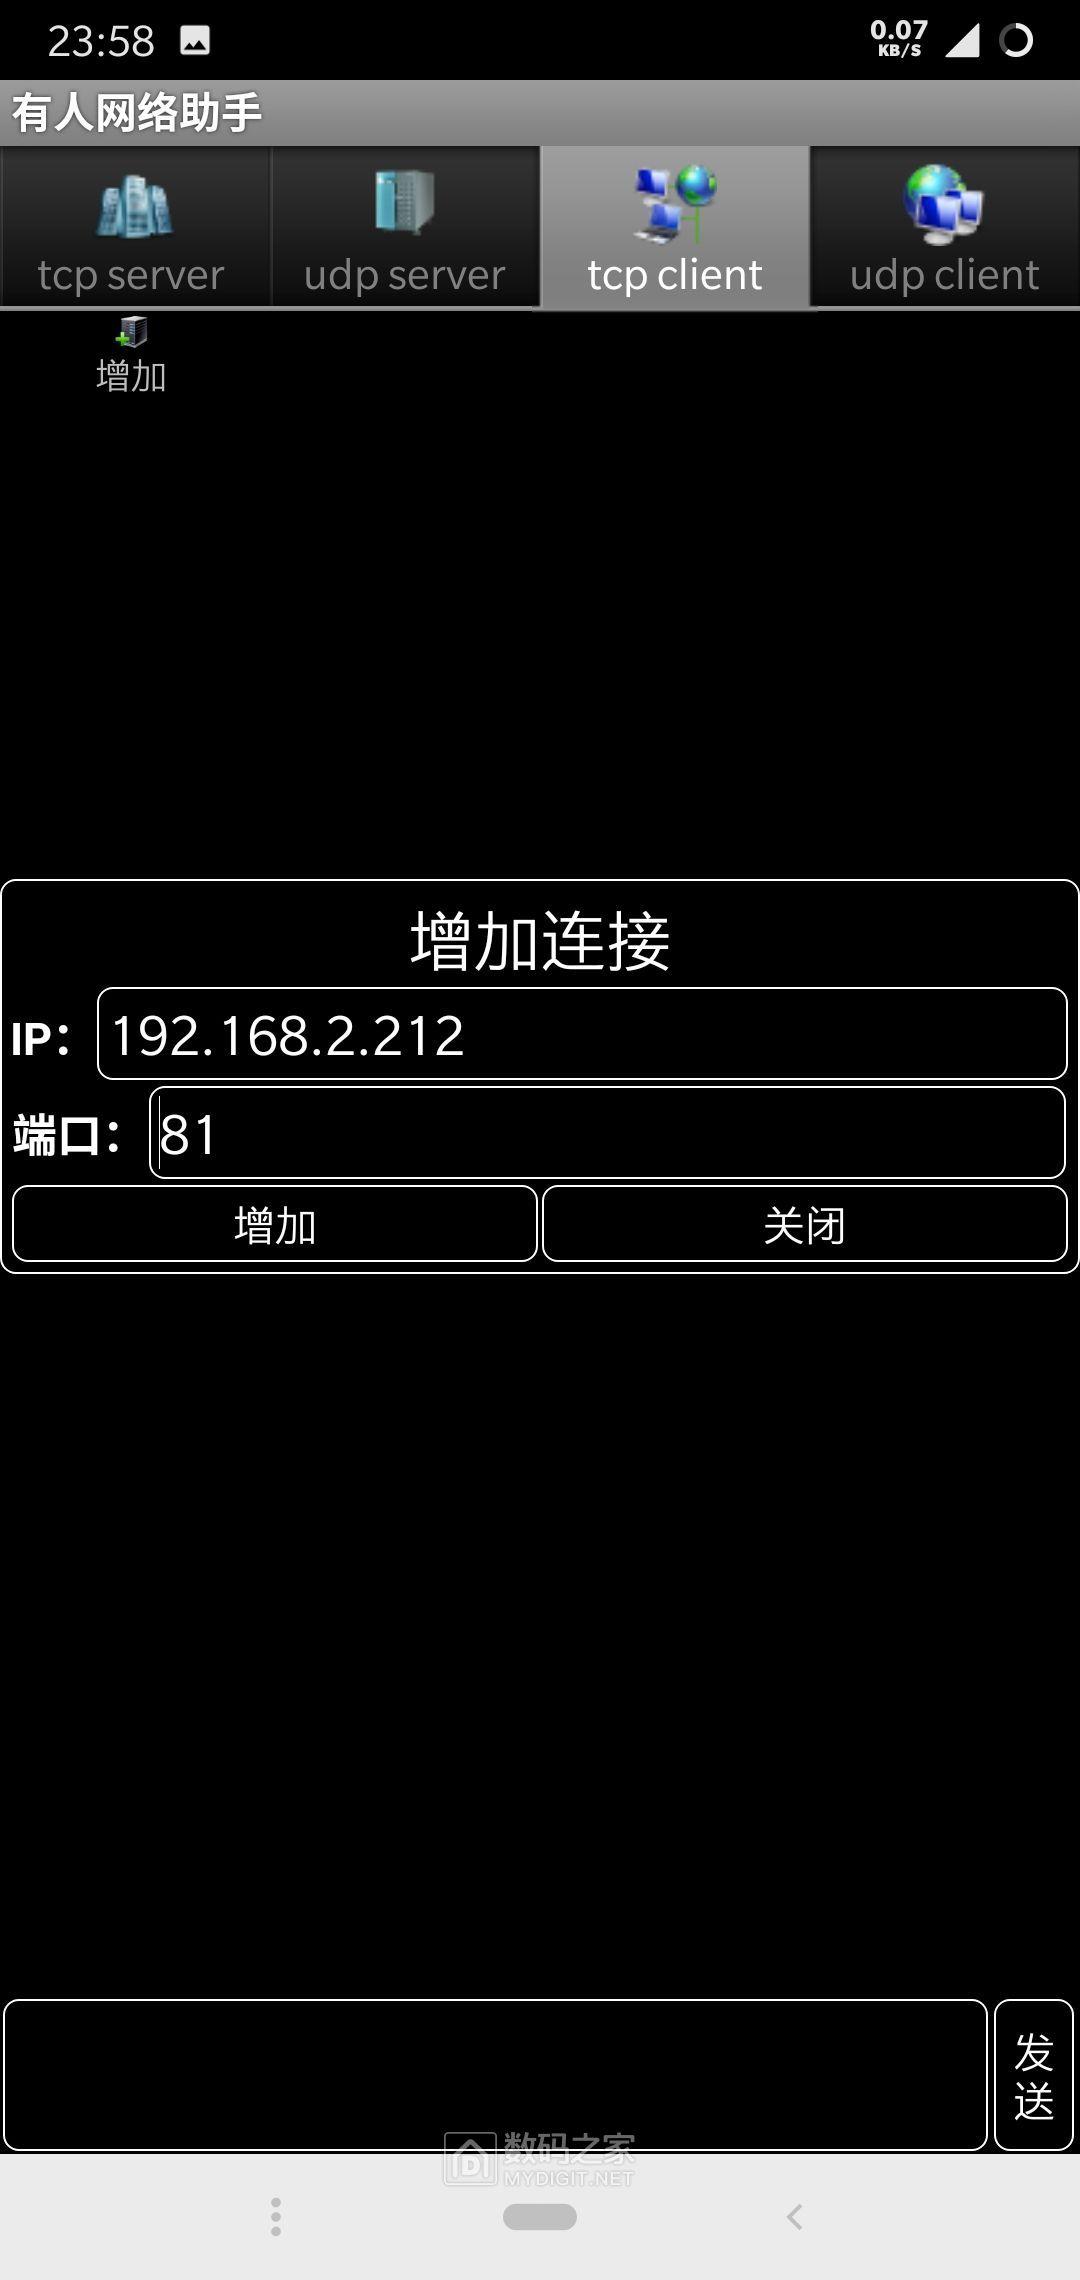 切换到tcp客户端模式,点击增加填写IP地址和端口号